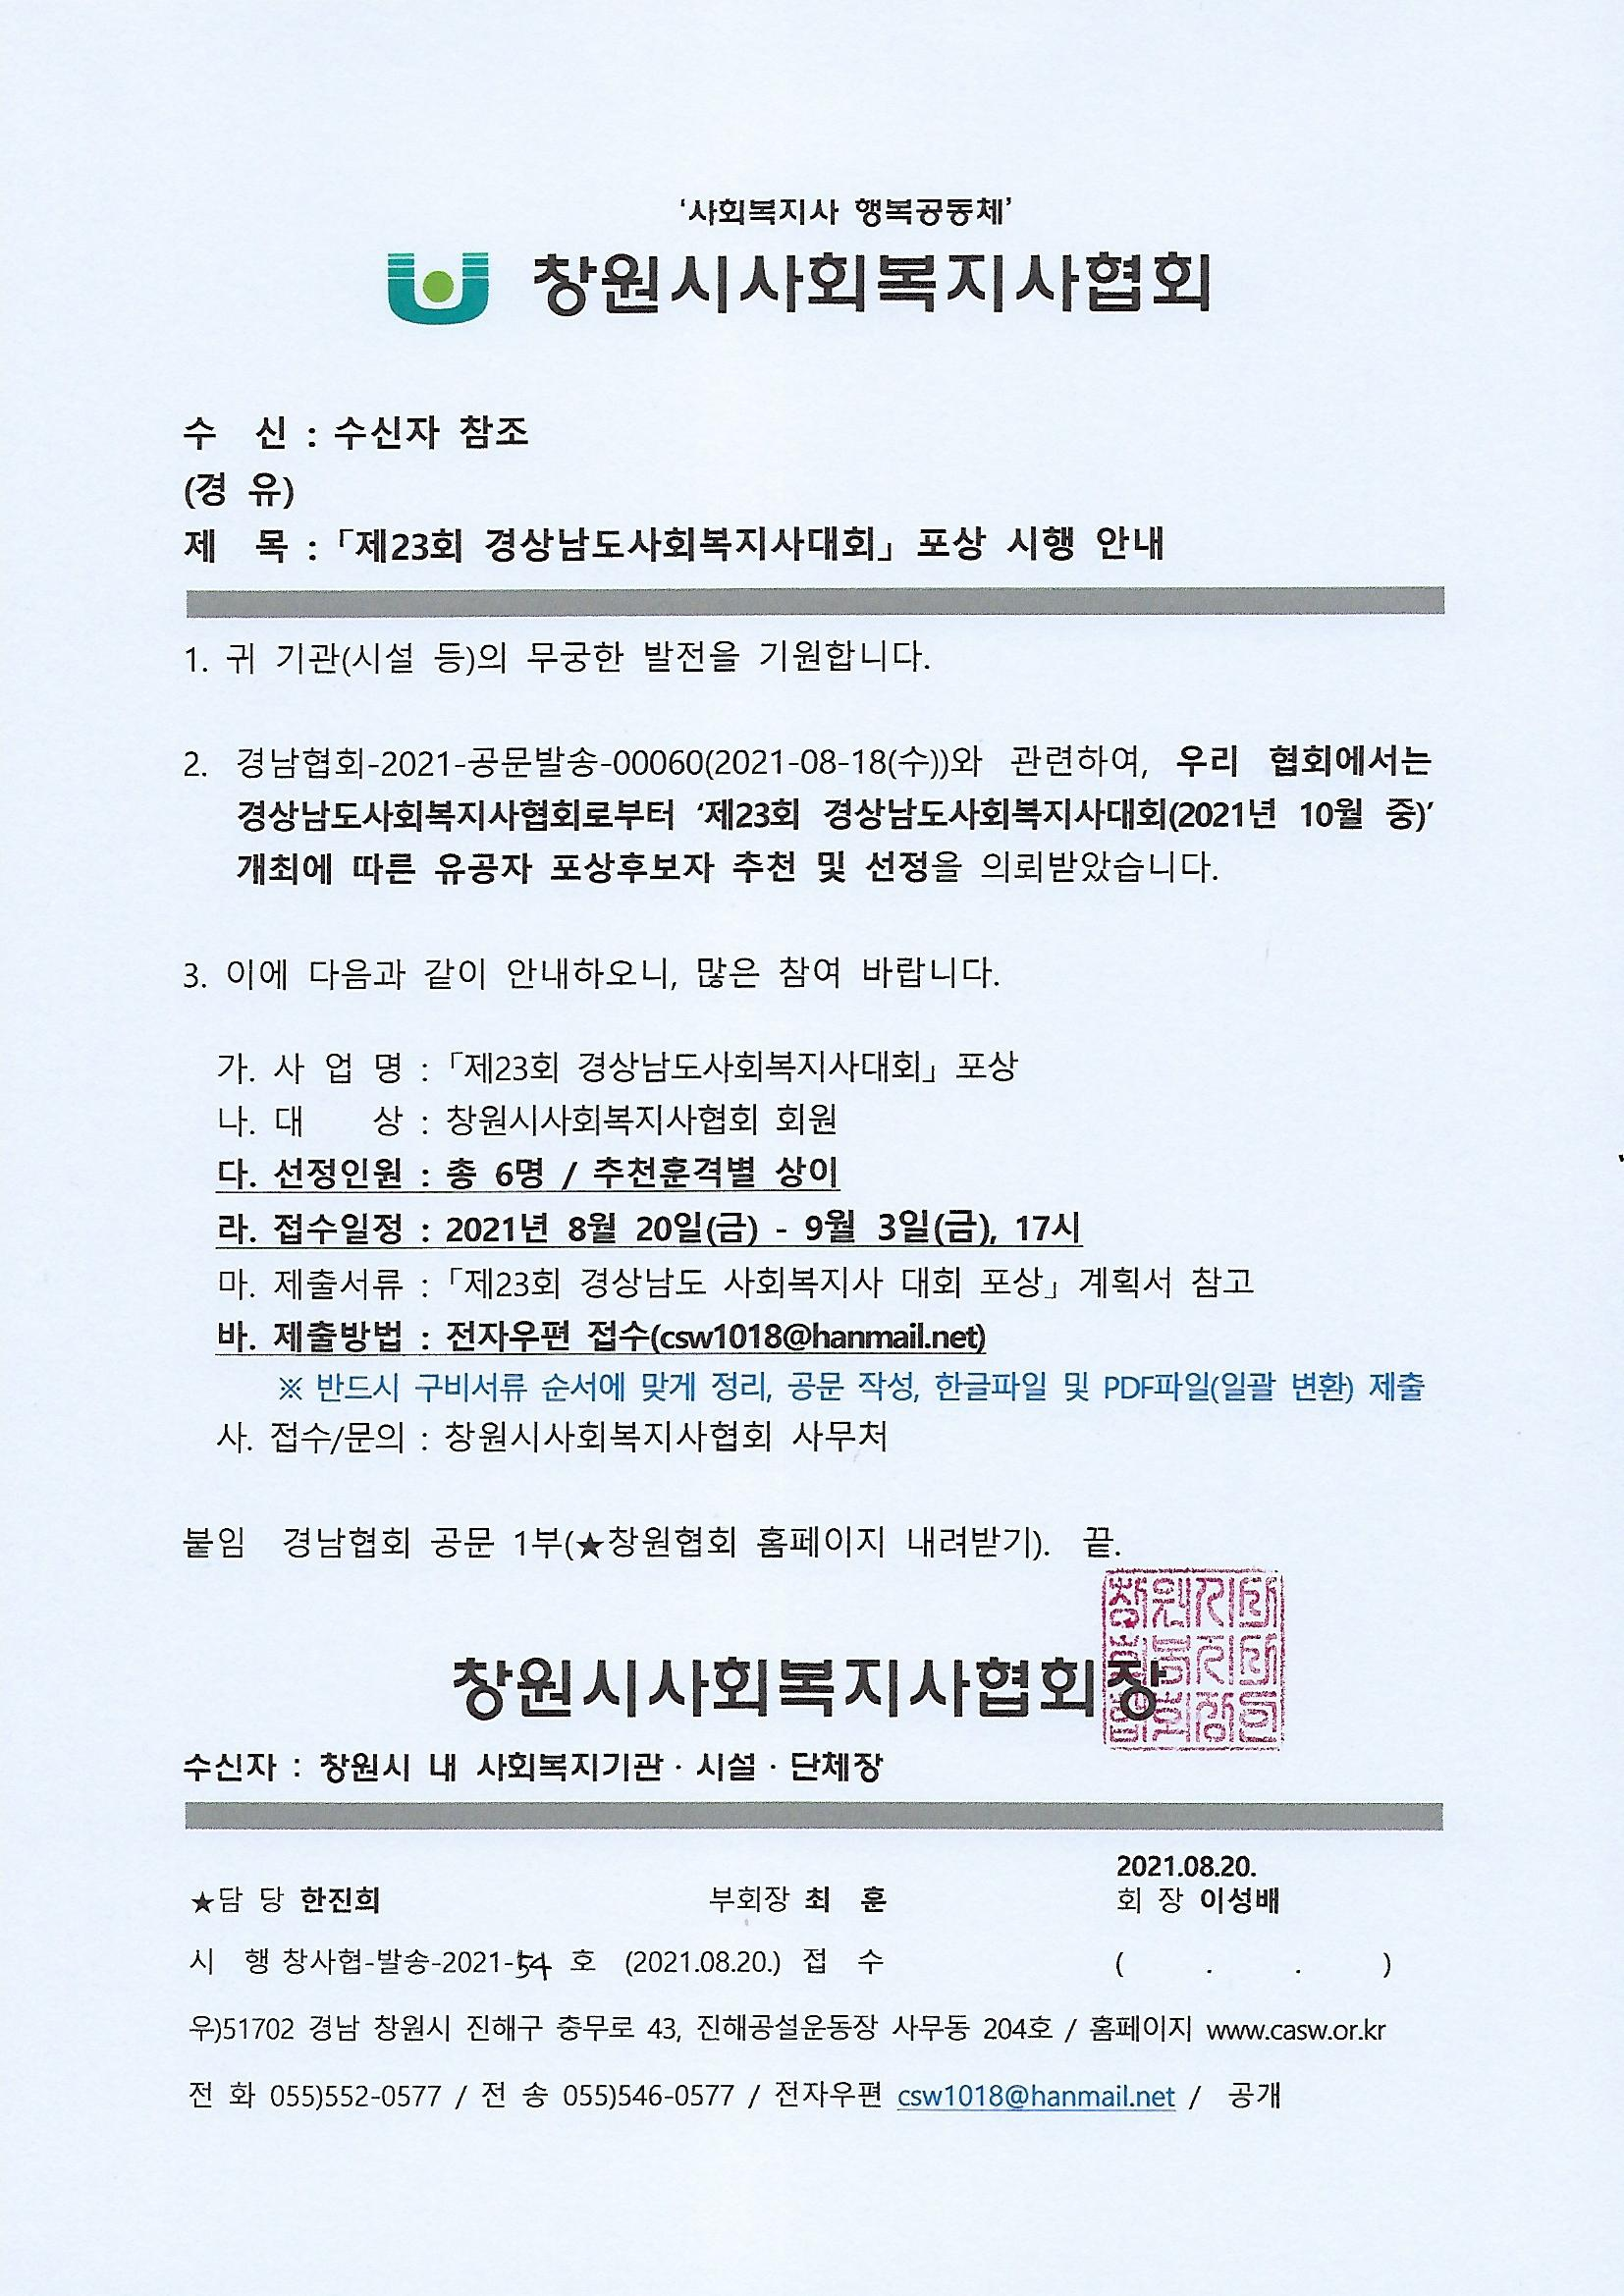 공문-경사협 대회 포상 시행 안내.jpg